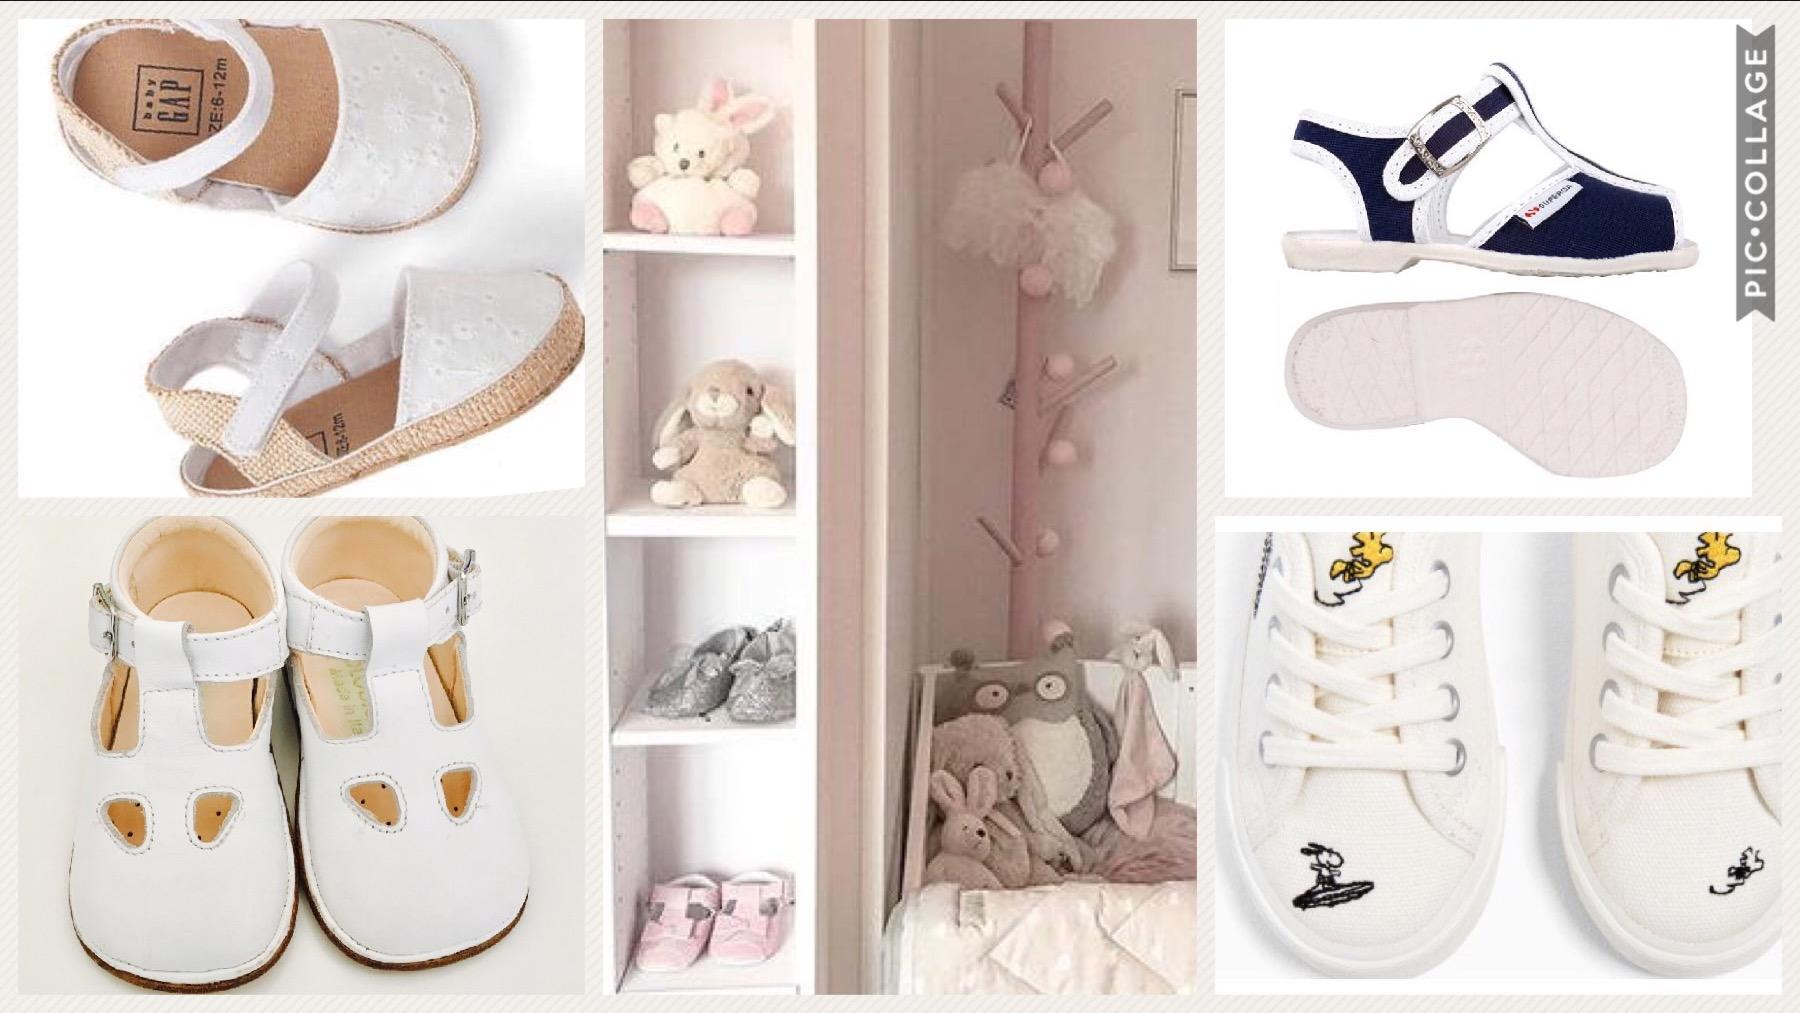 low priced af15e d67ad Le più belle scarpe per bambini per la primavera/estate a ...